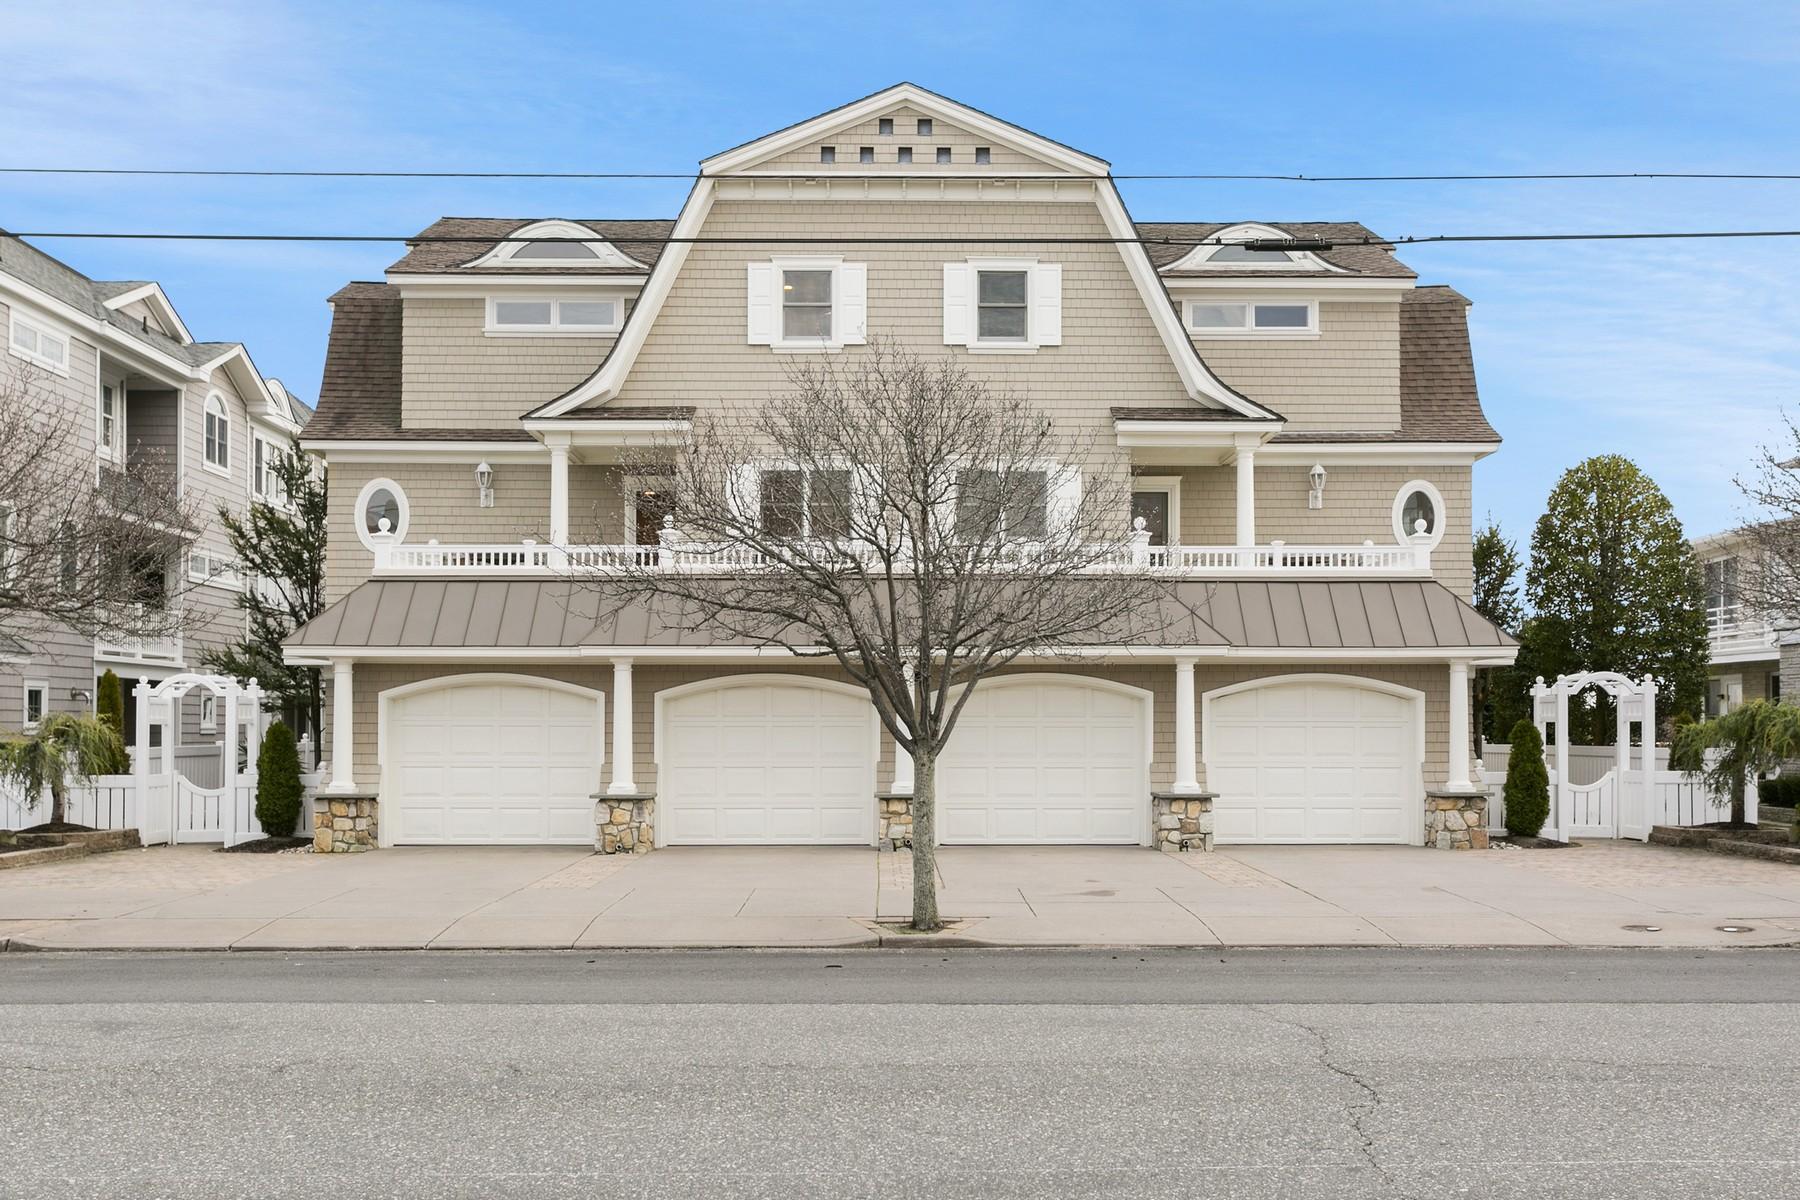 共管式独立产权公寓 为 销售 在 Goldcoast Beachfront 2319 Wesley Avenue South Ocean City, 新泽西州 08226 美国